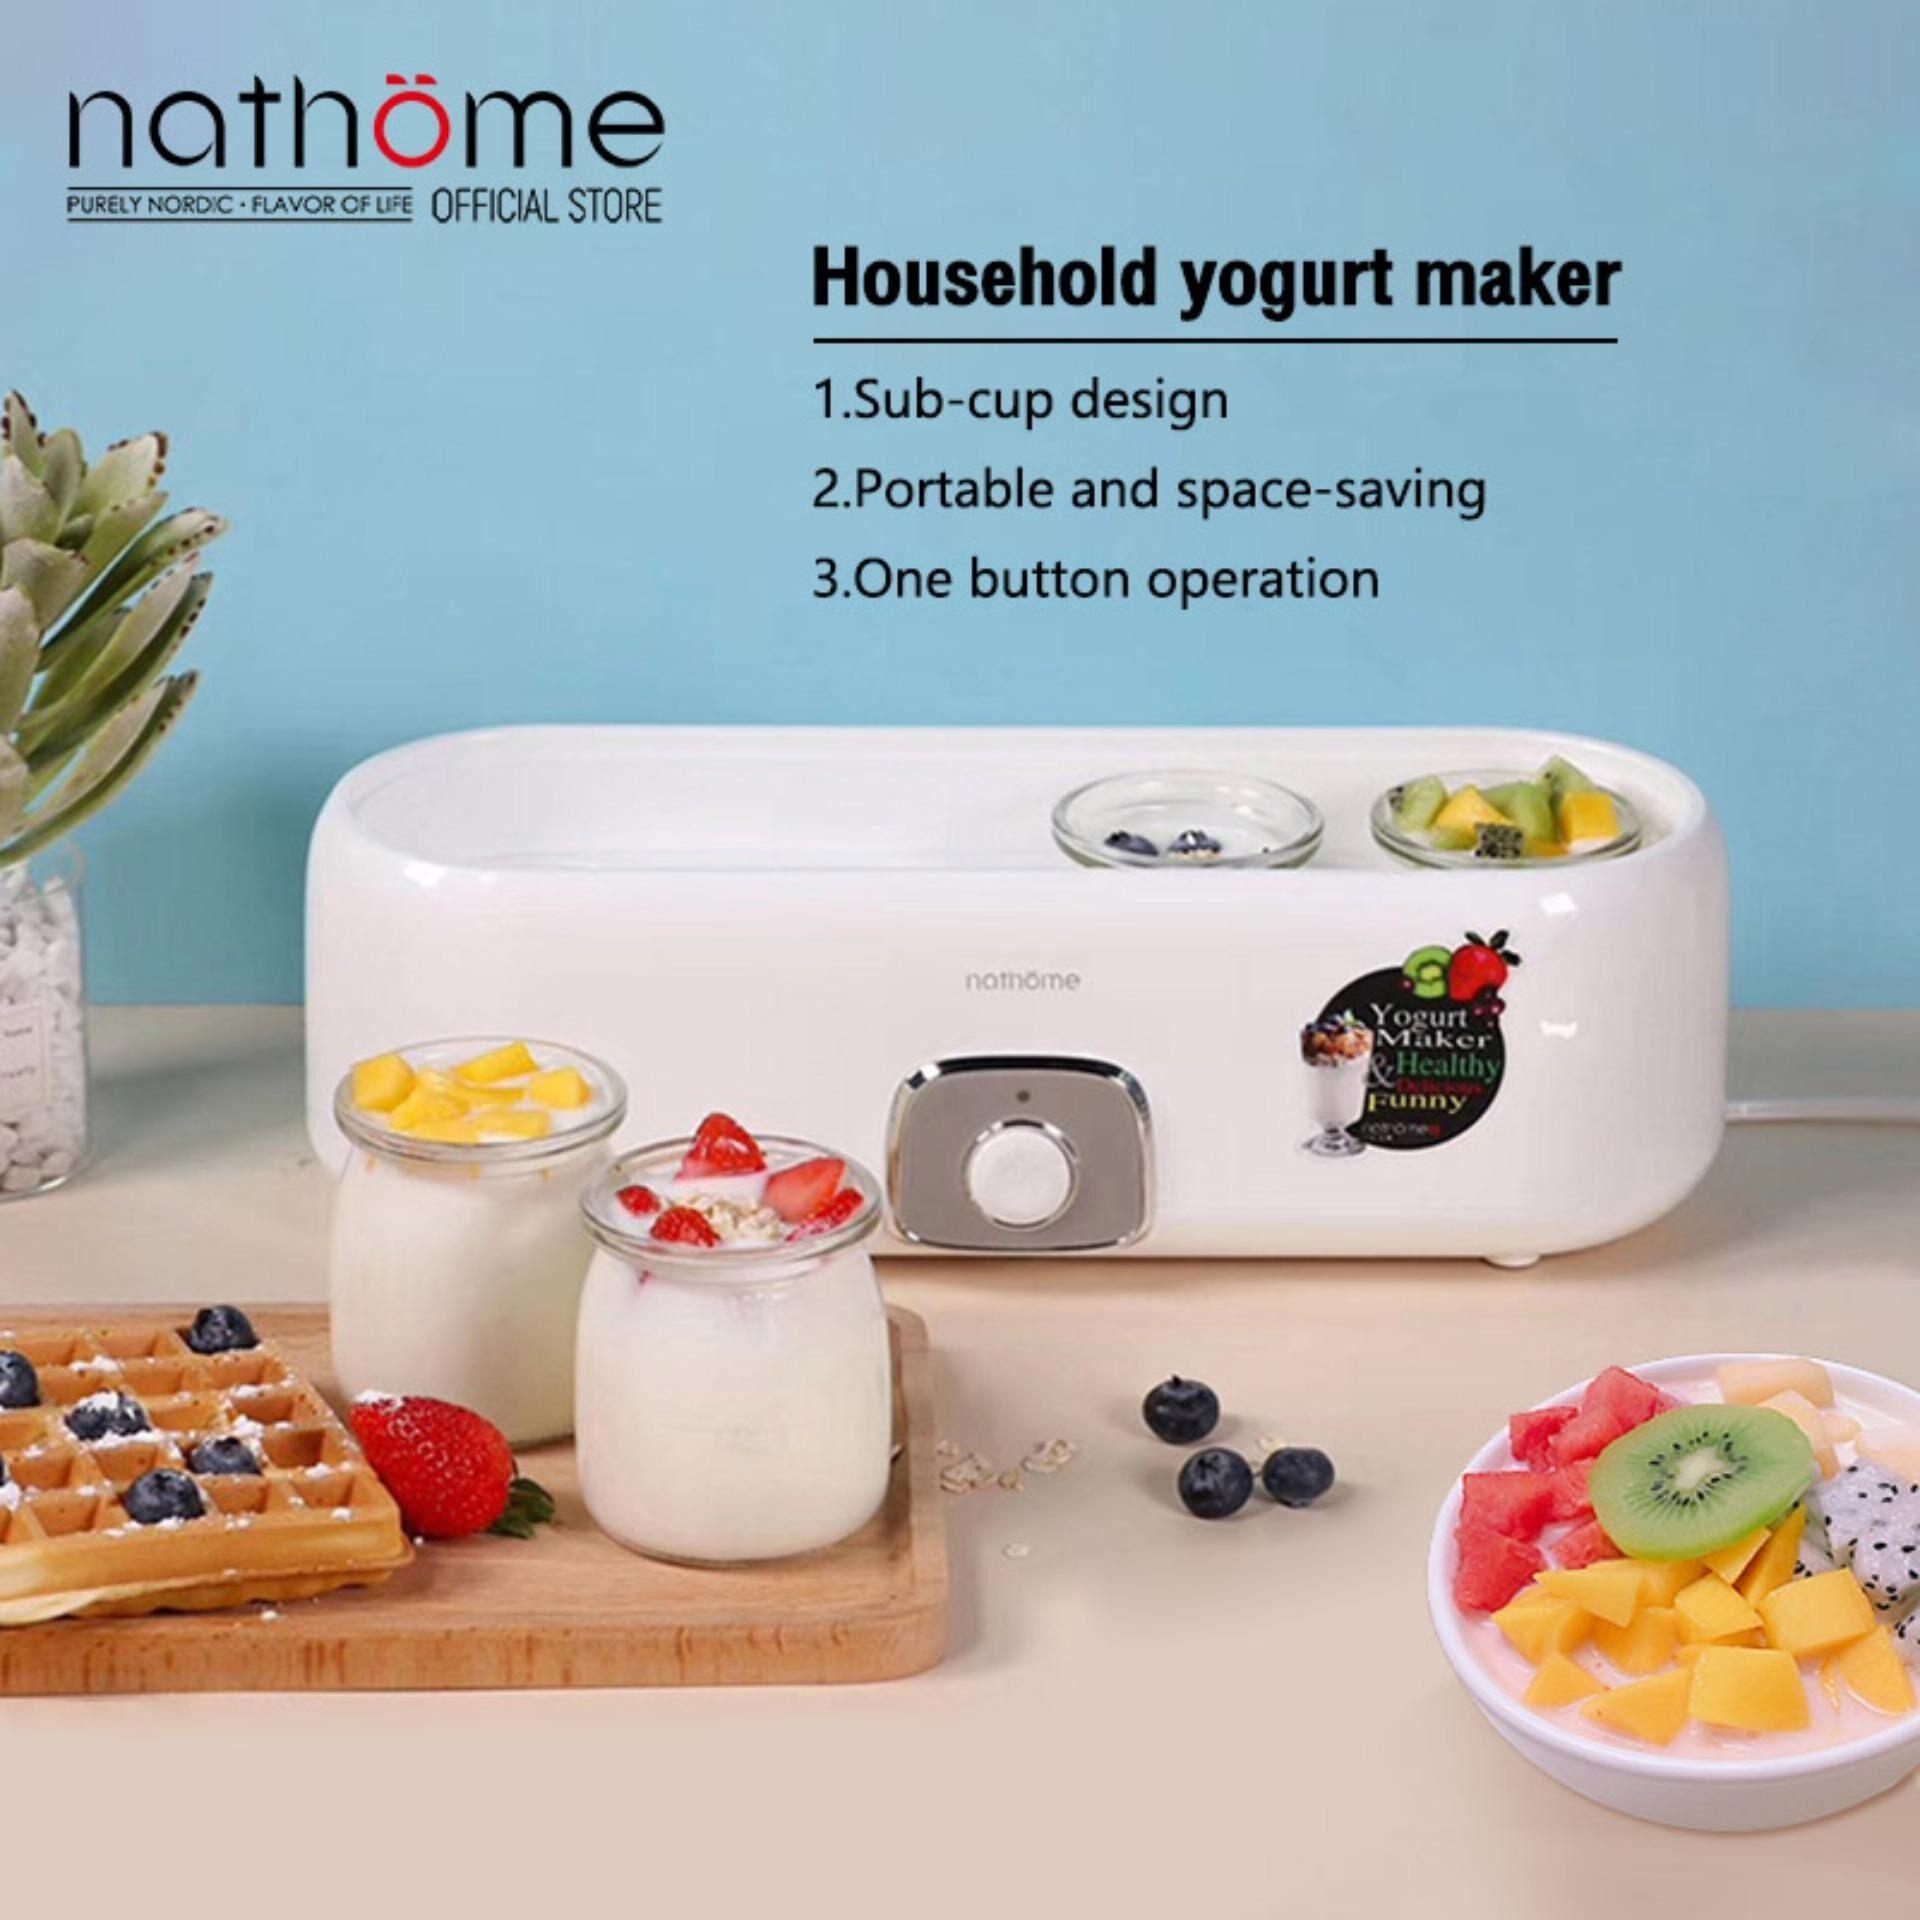 Nathome โยเกิร์ตเครื่องอัตโนมัติบ้านถ้วยแก้วหมักขนาดเล็กห้องพักรวมเครื่องชงโยเกิร์ต   Yogurt Makers  Nsn601.